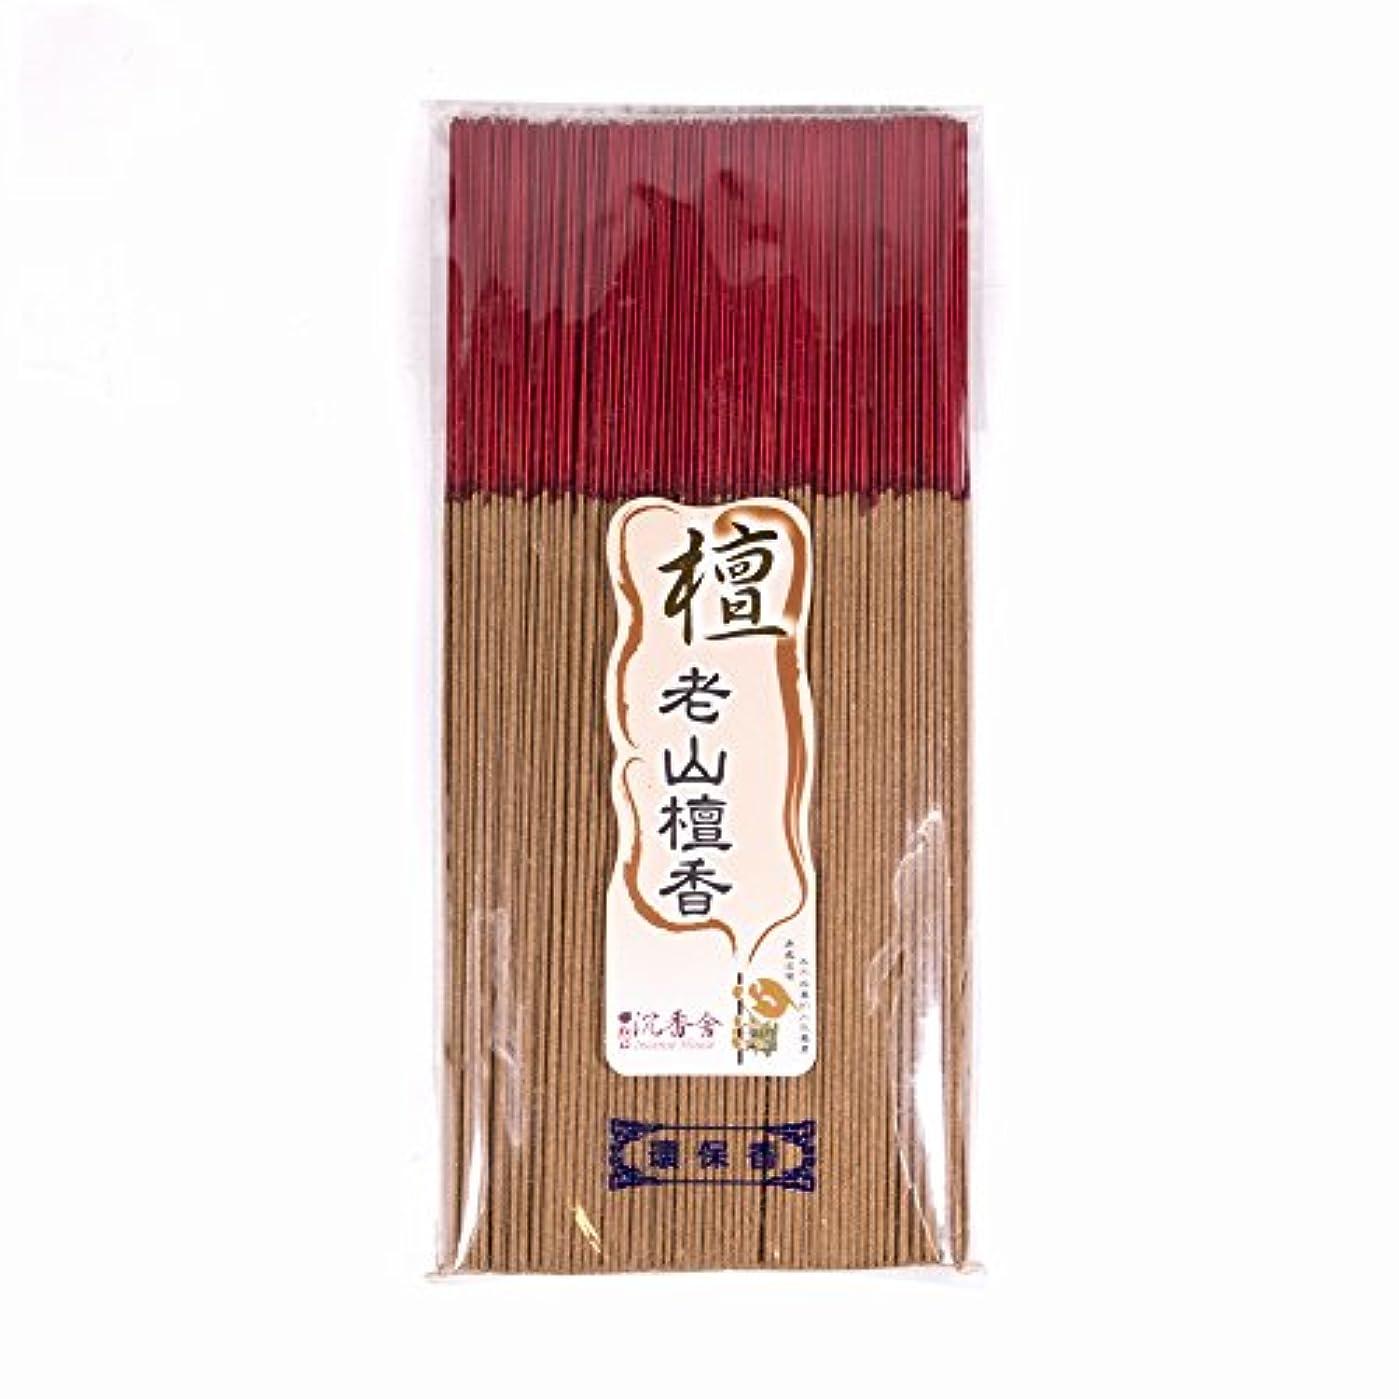 キウイ動作経由で台湾沉香舍 老山檀香 台湾のお香家 - 檀香 30cm (木支香) 300g 約400本